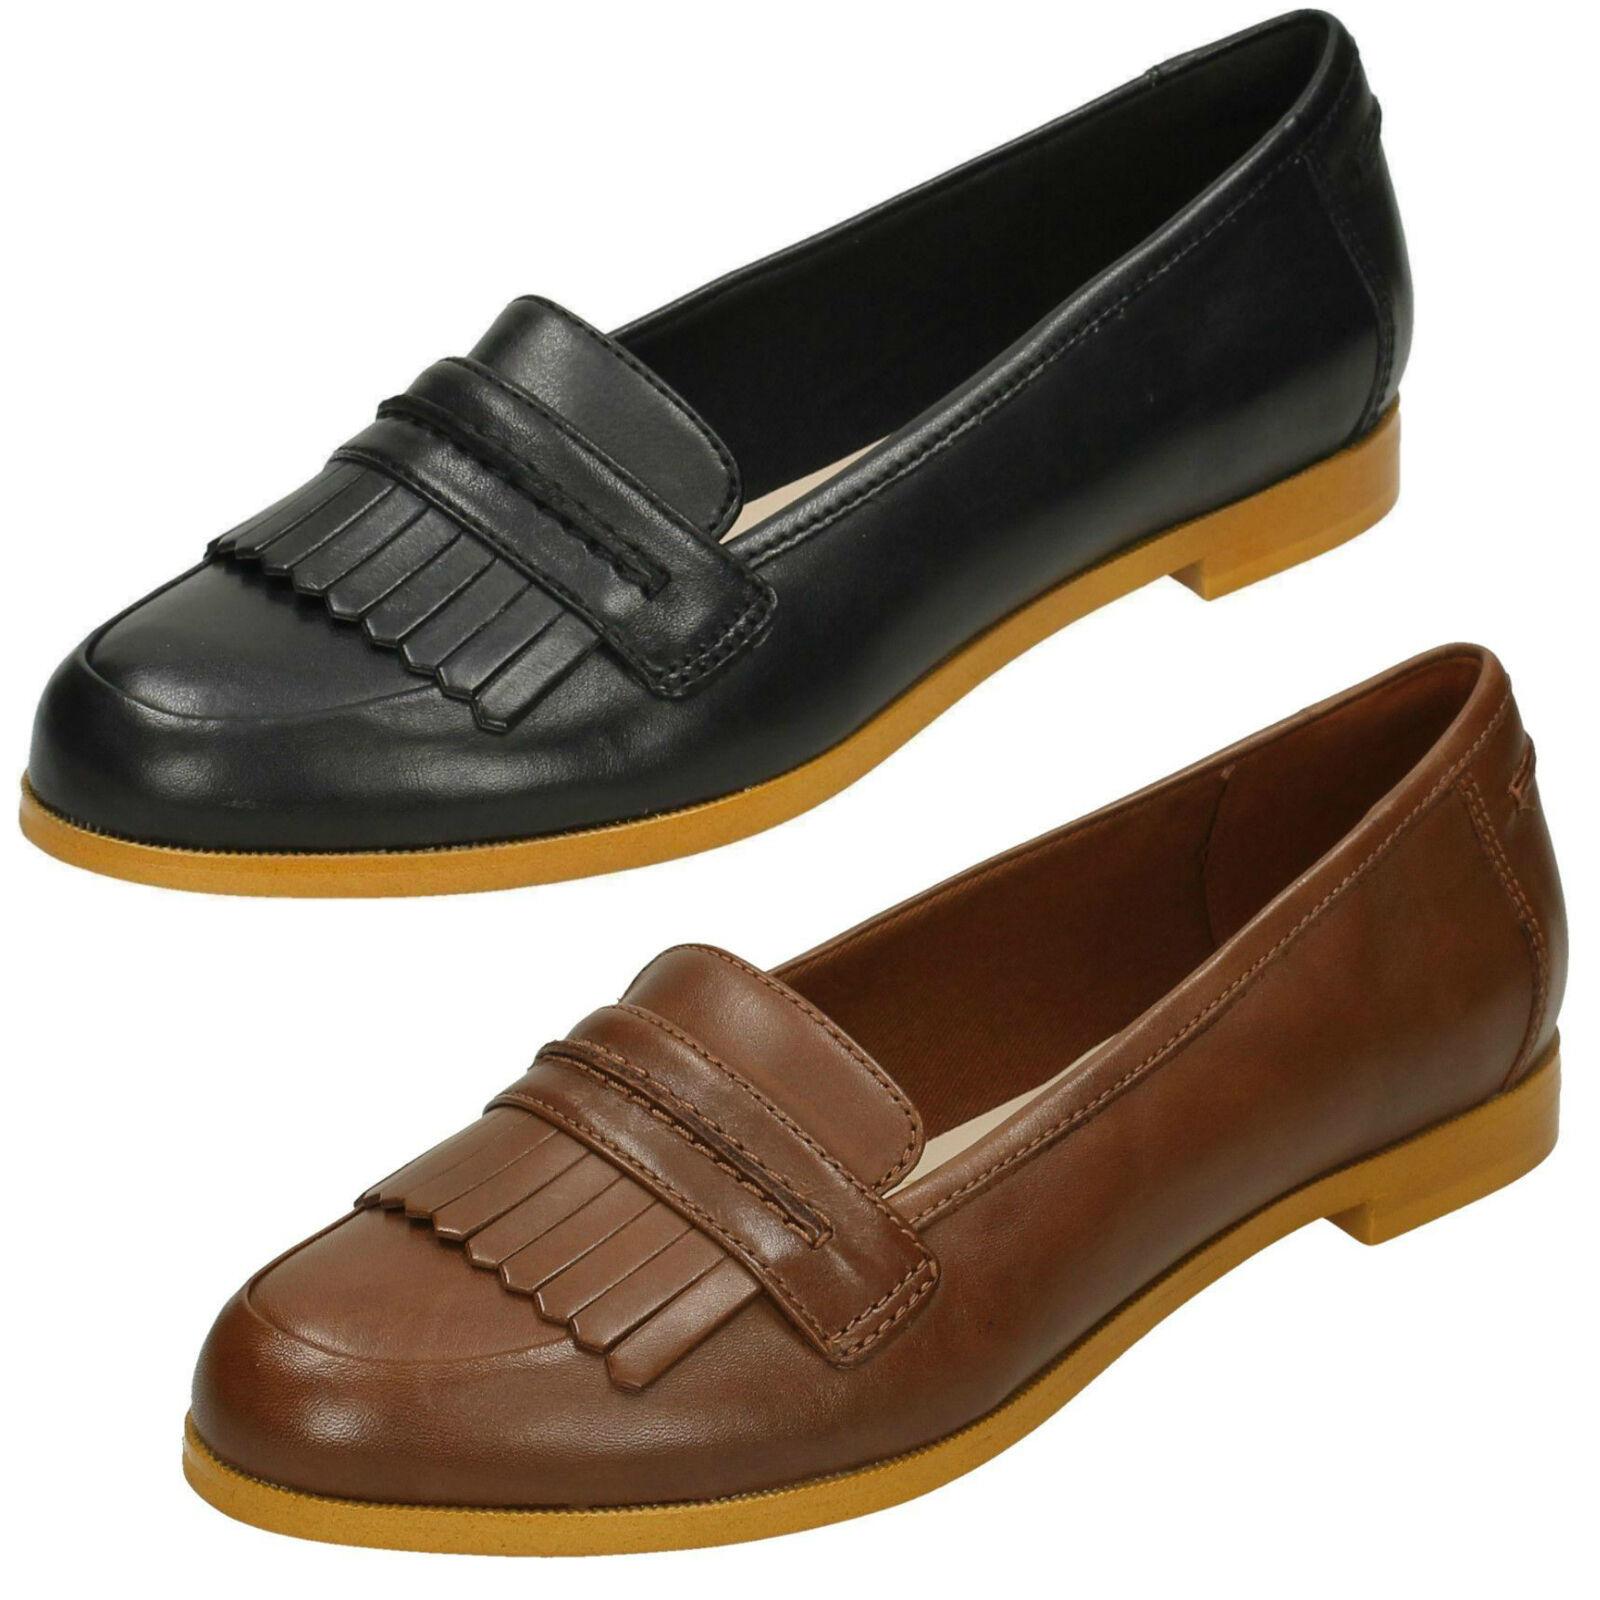 Zapatos de mujer baratos zapatos de mujer Descuento por tiempo limitado Ladies Clarks Andora Crush Black Or Tan Leather Smart Slip On Loafer Style Shoes